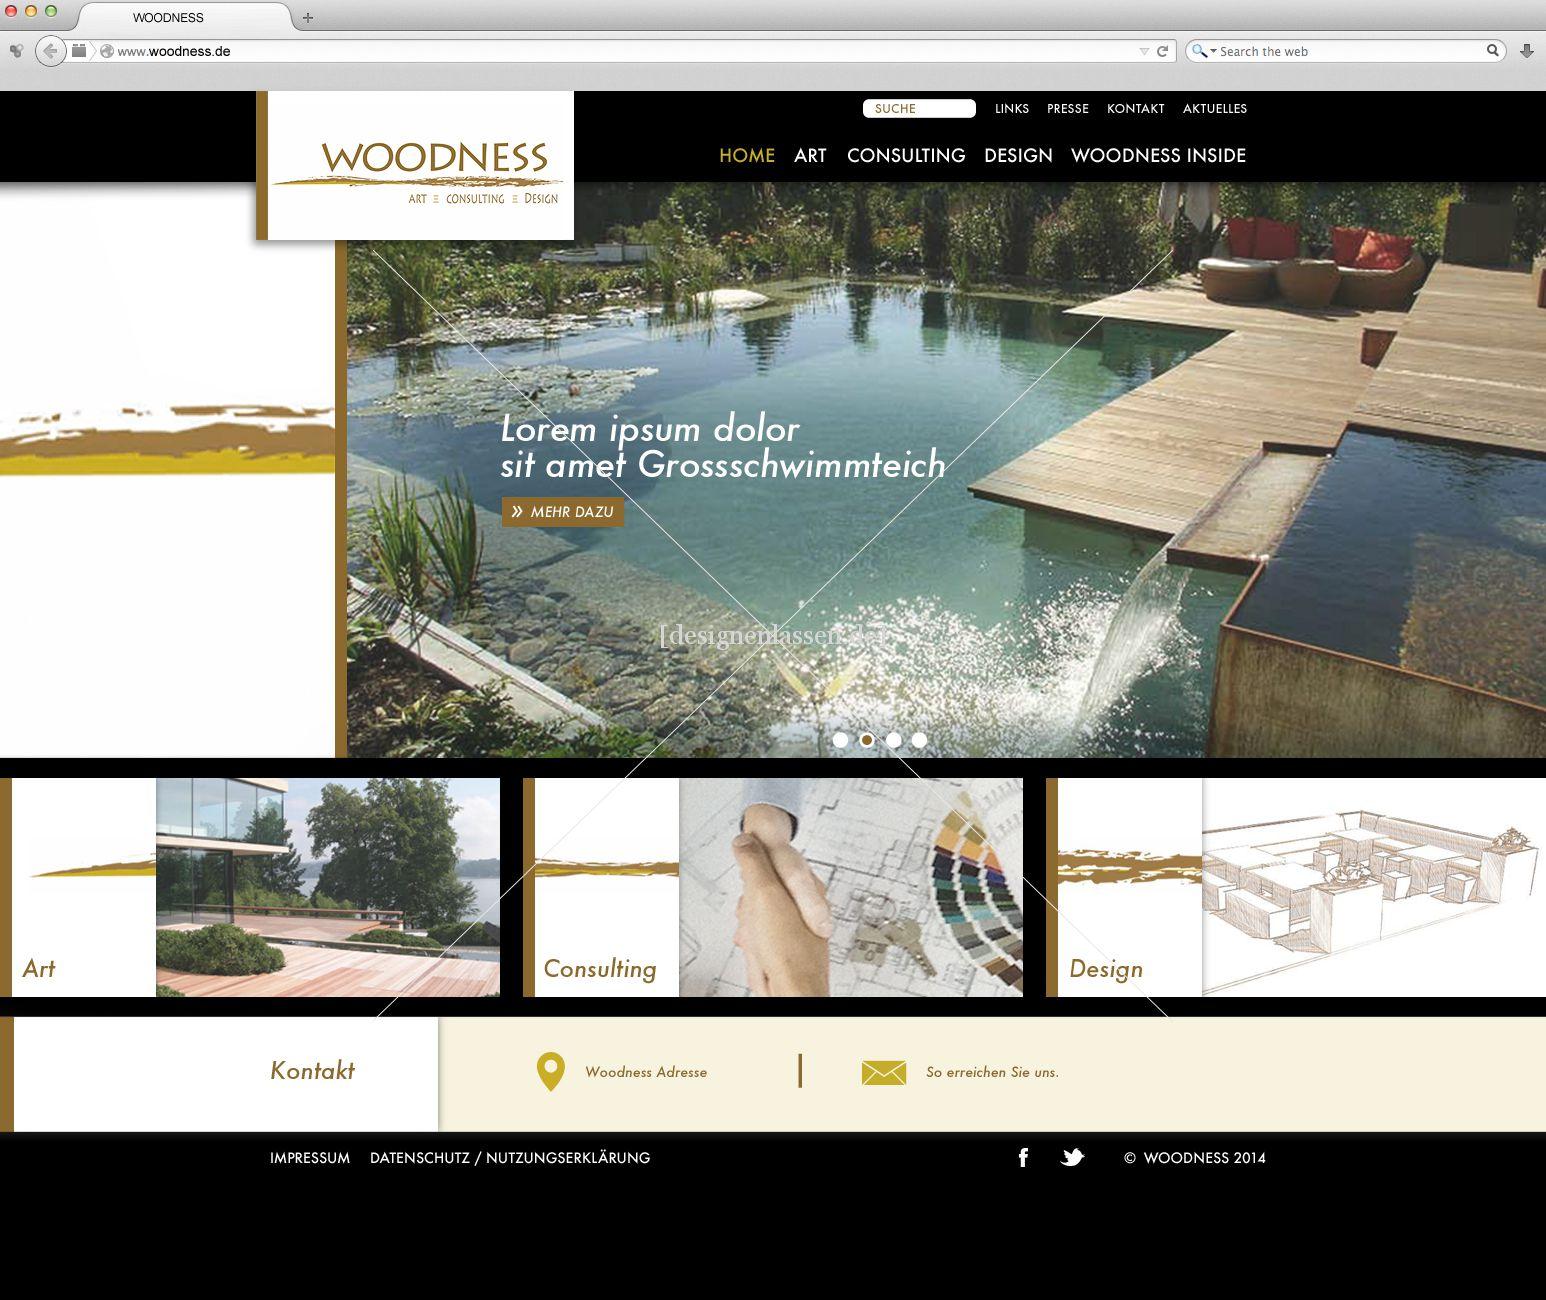 design #22 of designmaexle